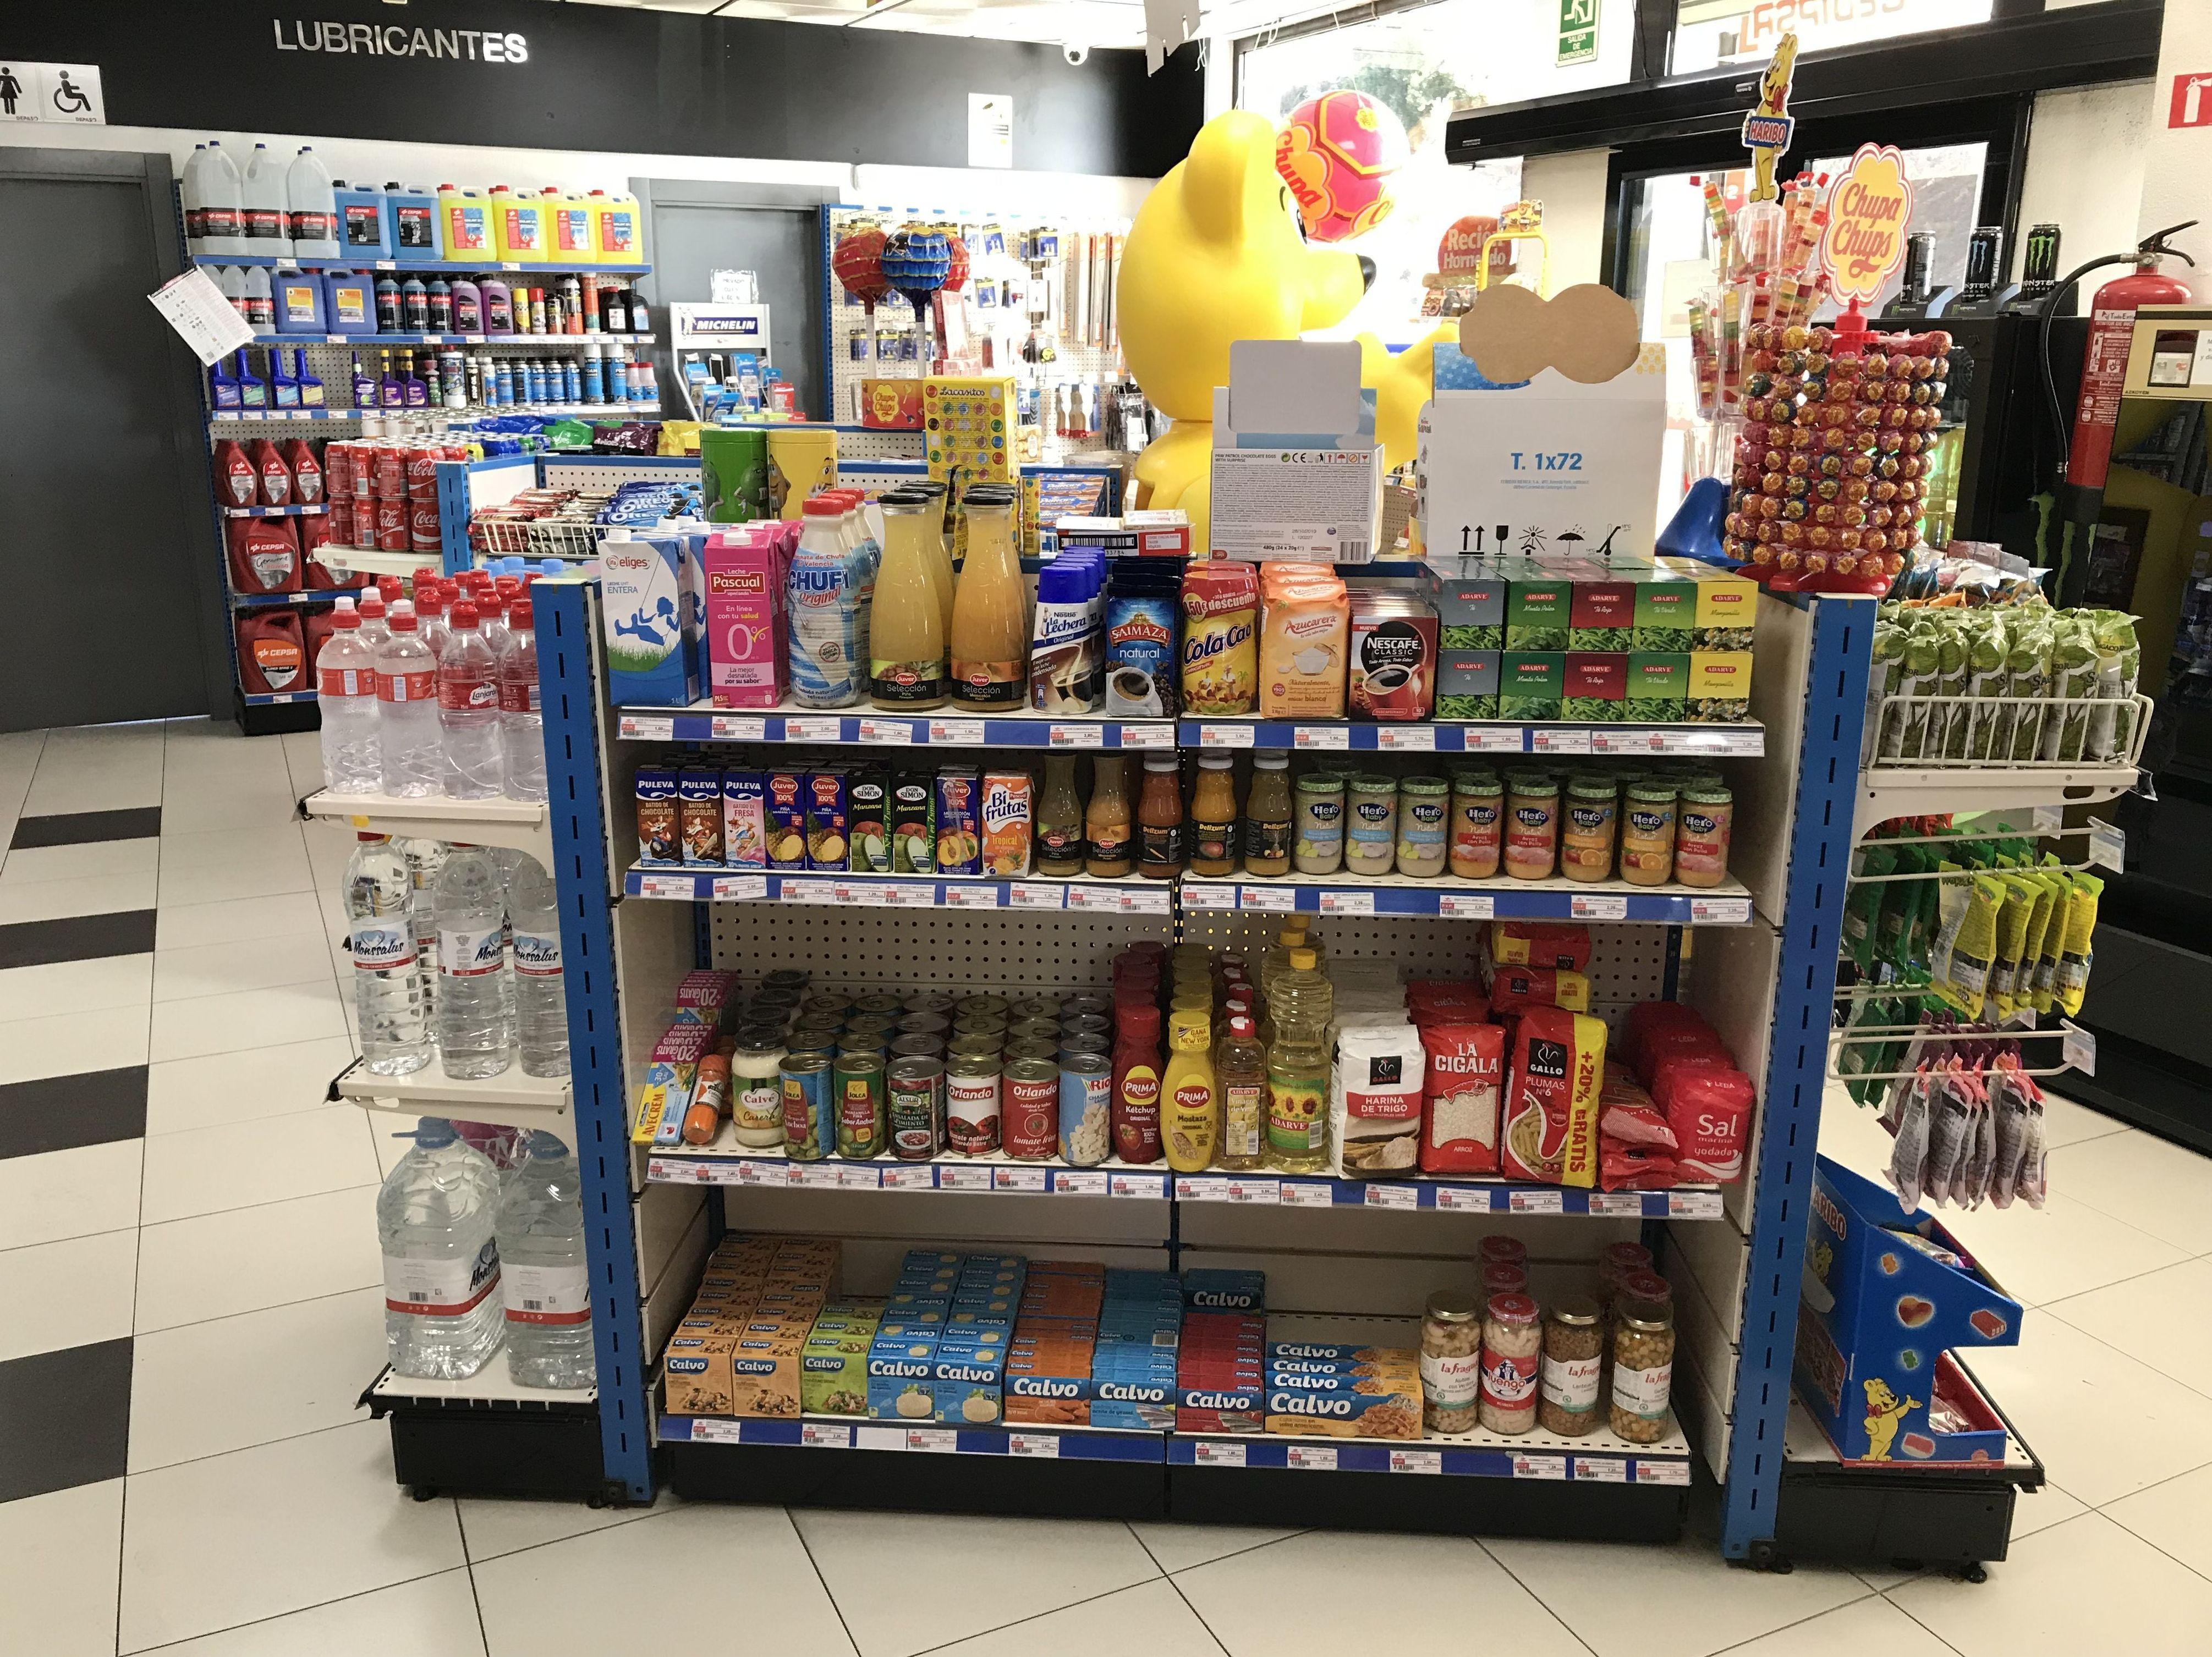 Supermercado abierto las 24 horas en Cepsa Cajiz